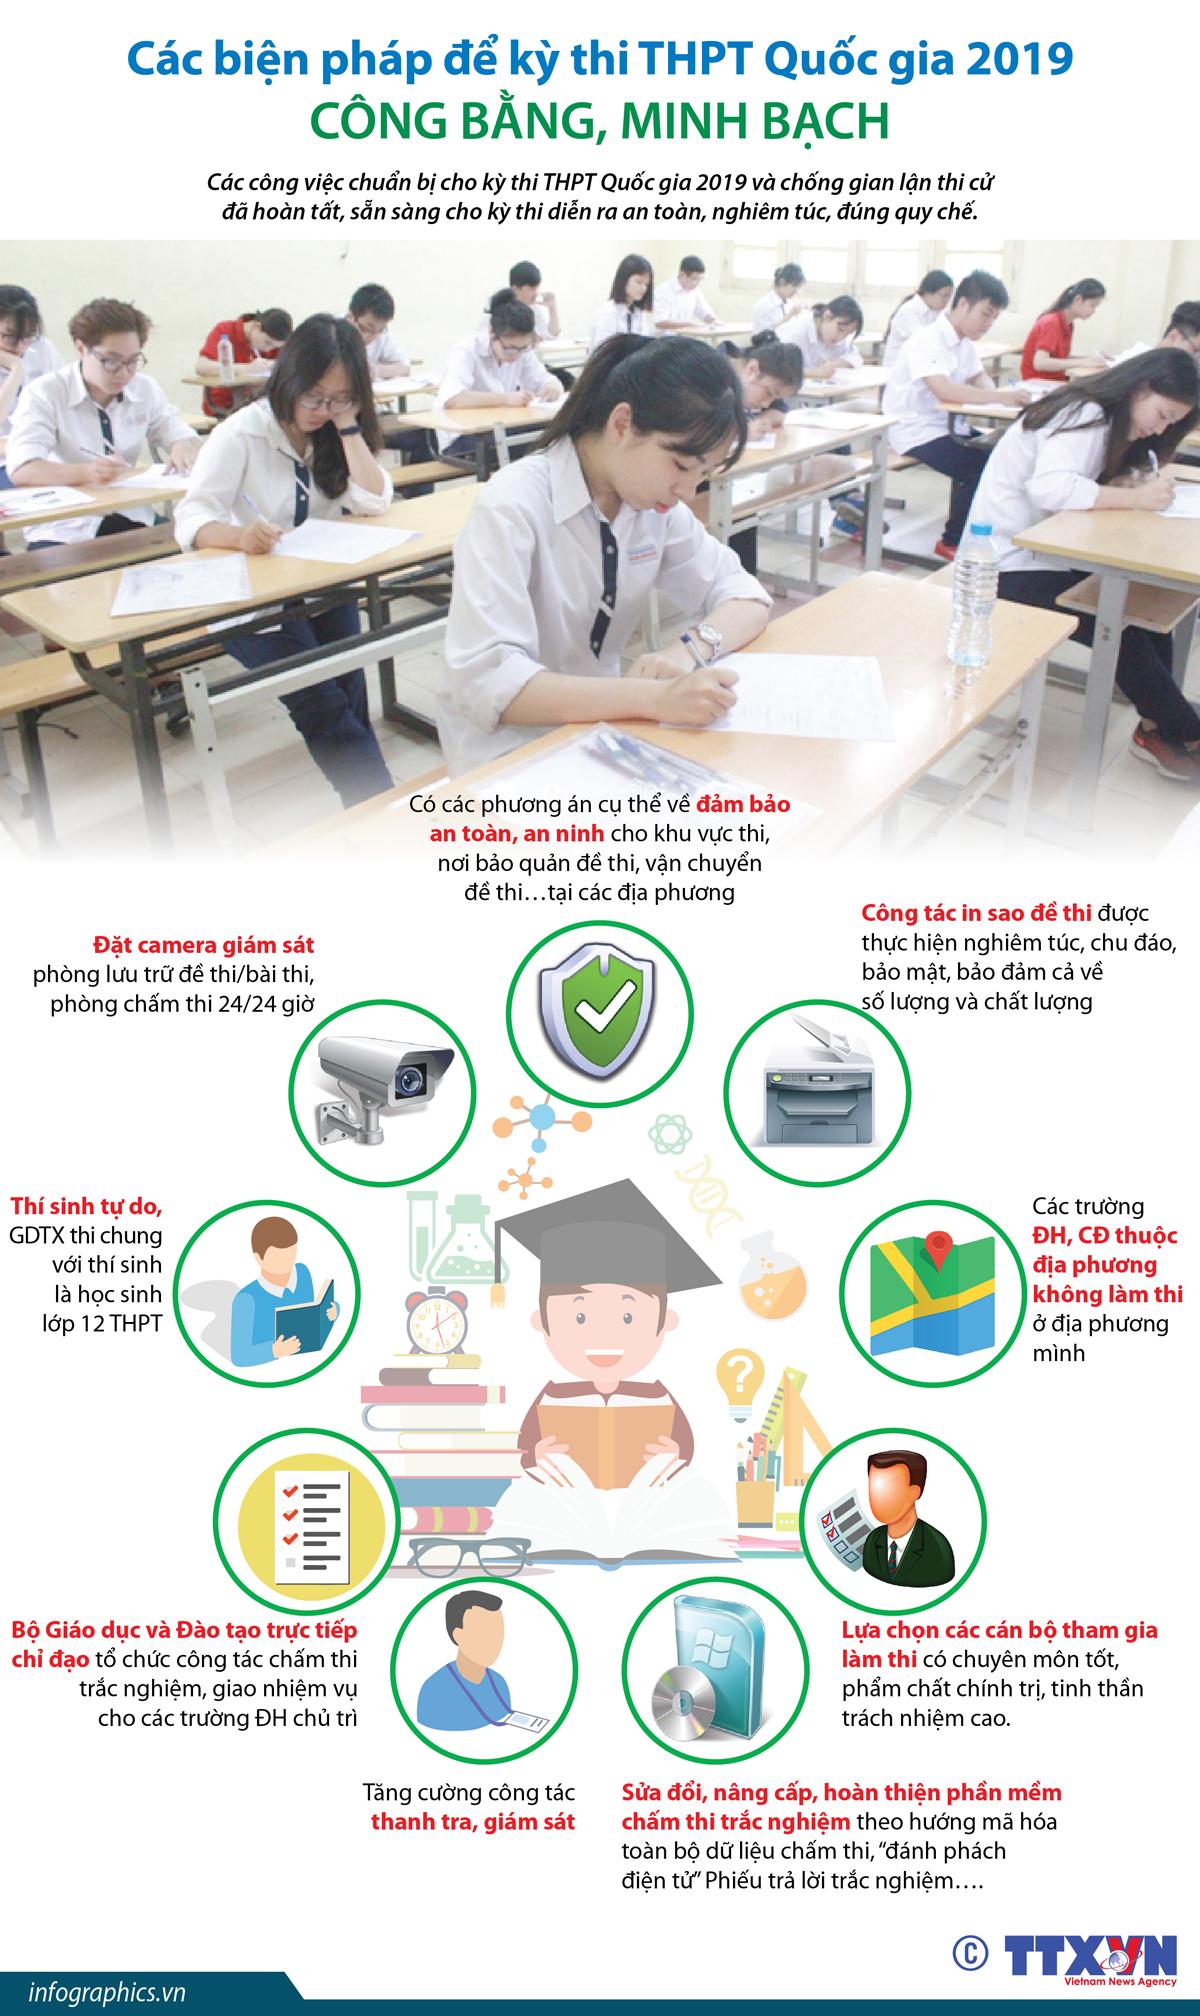 giáo dục, đào tạo, thi THPT quốc gia, kỳ thi THPT Quốc gia 2019, an toàn, nghiêm túc, đúng quy chế